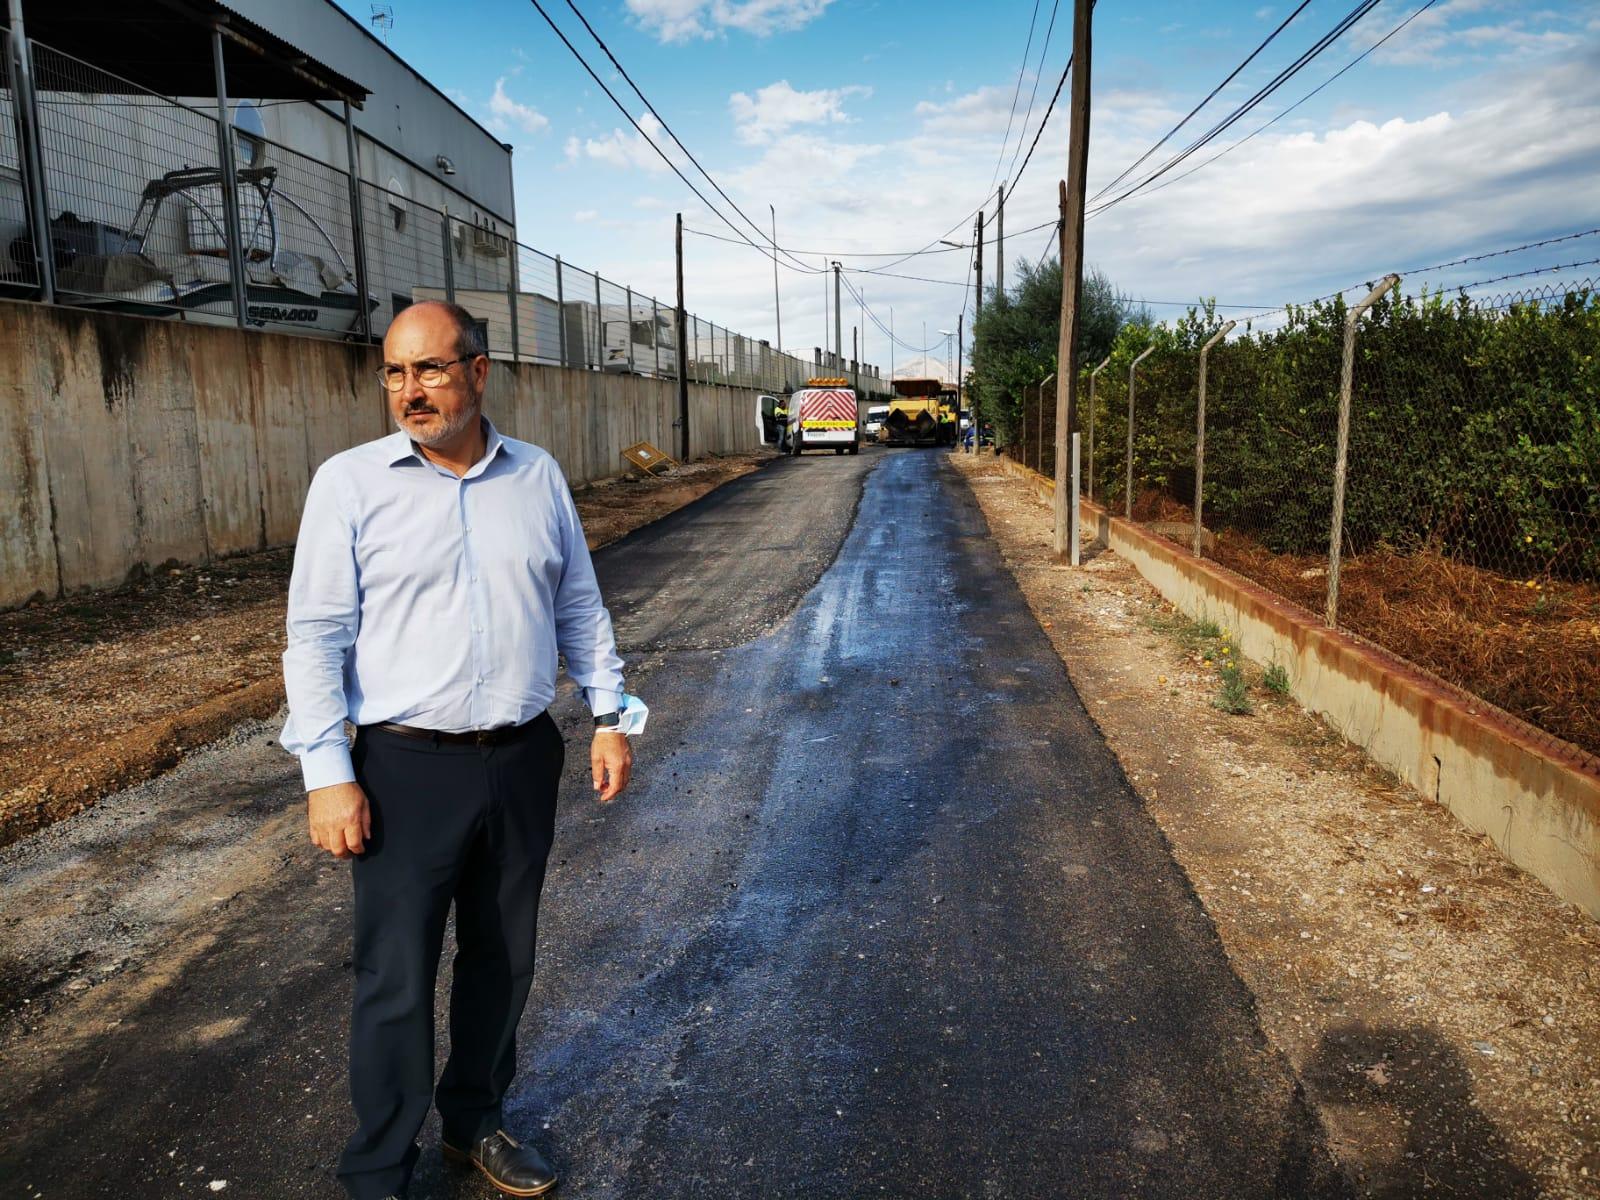 El alcalde Miguel López en el camino vierjo de almoradí (1)